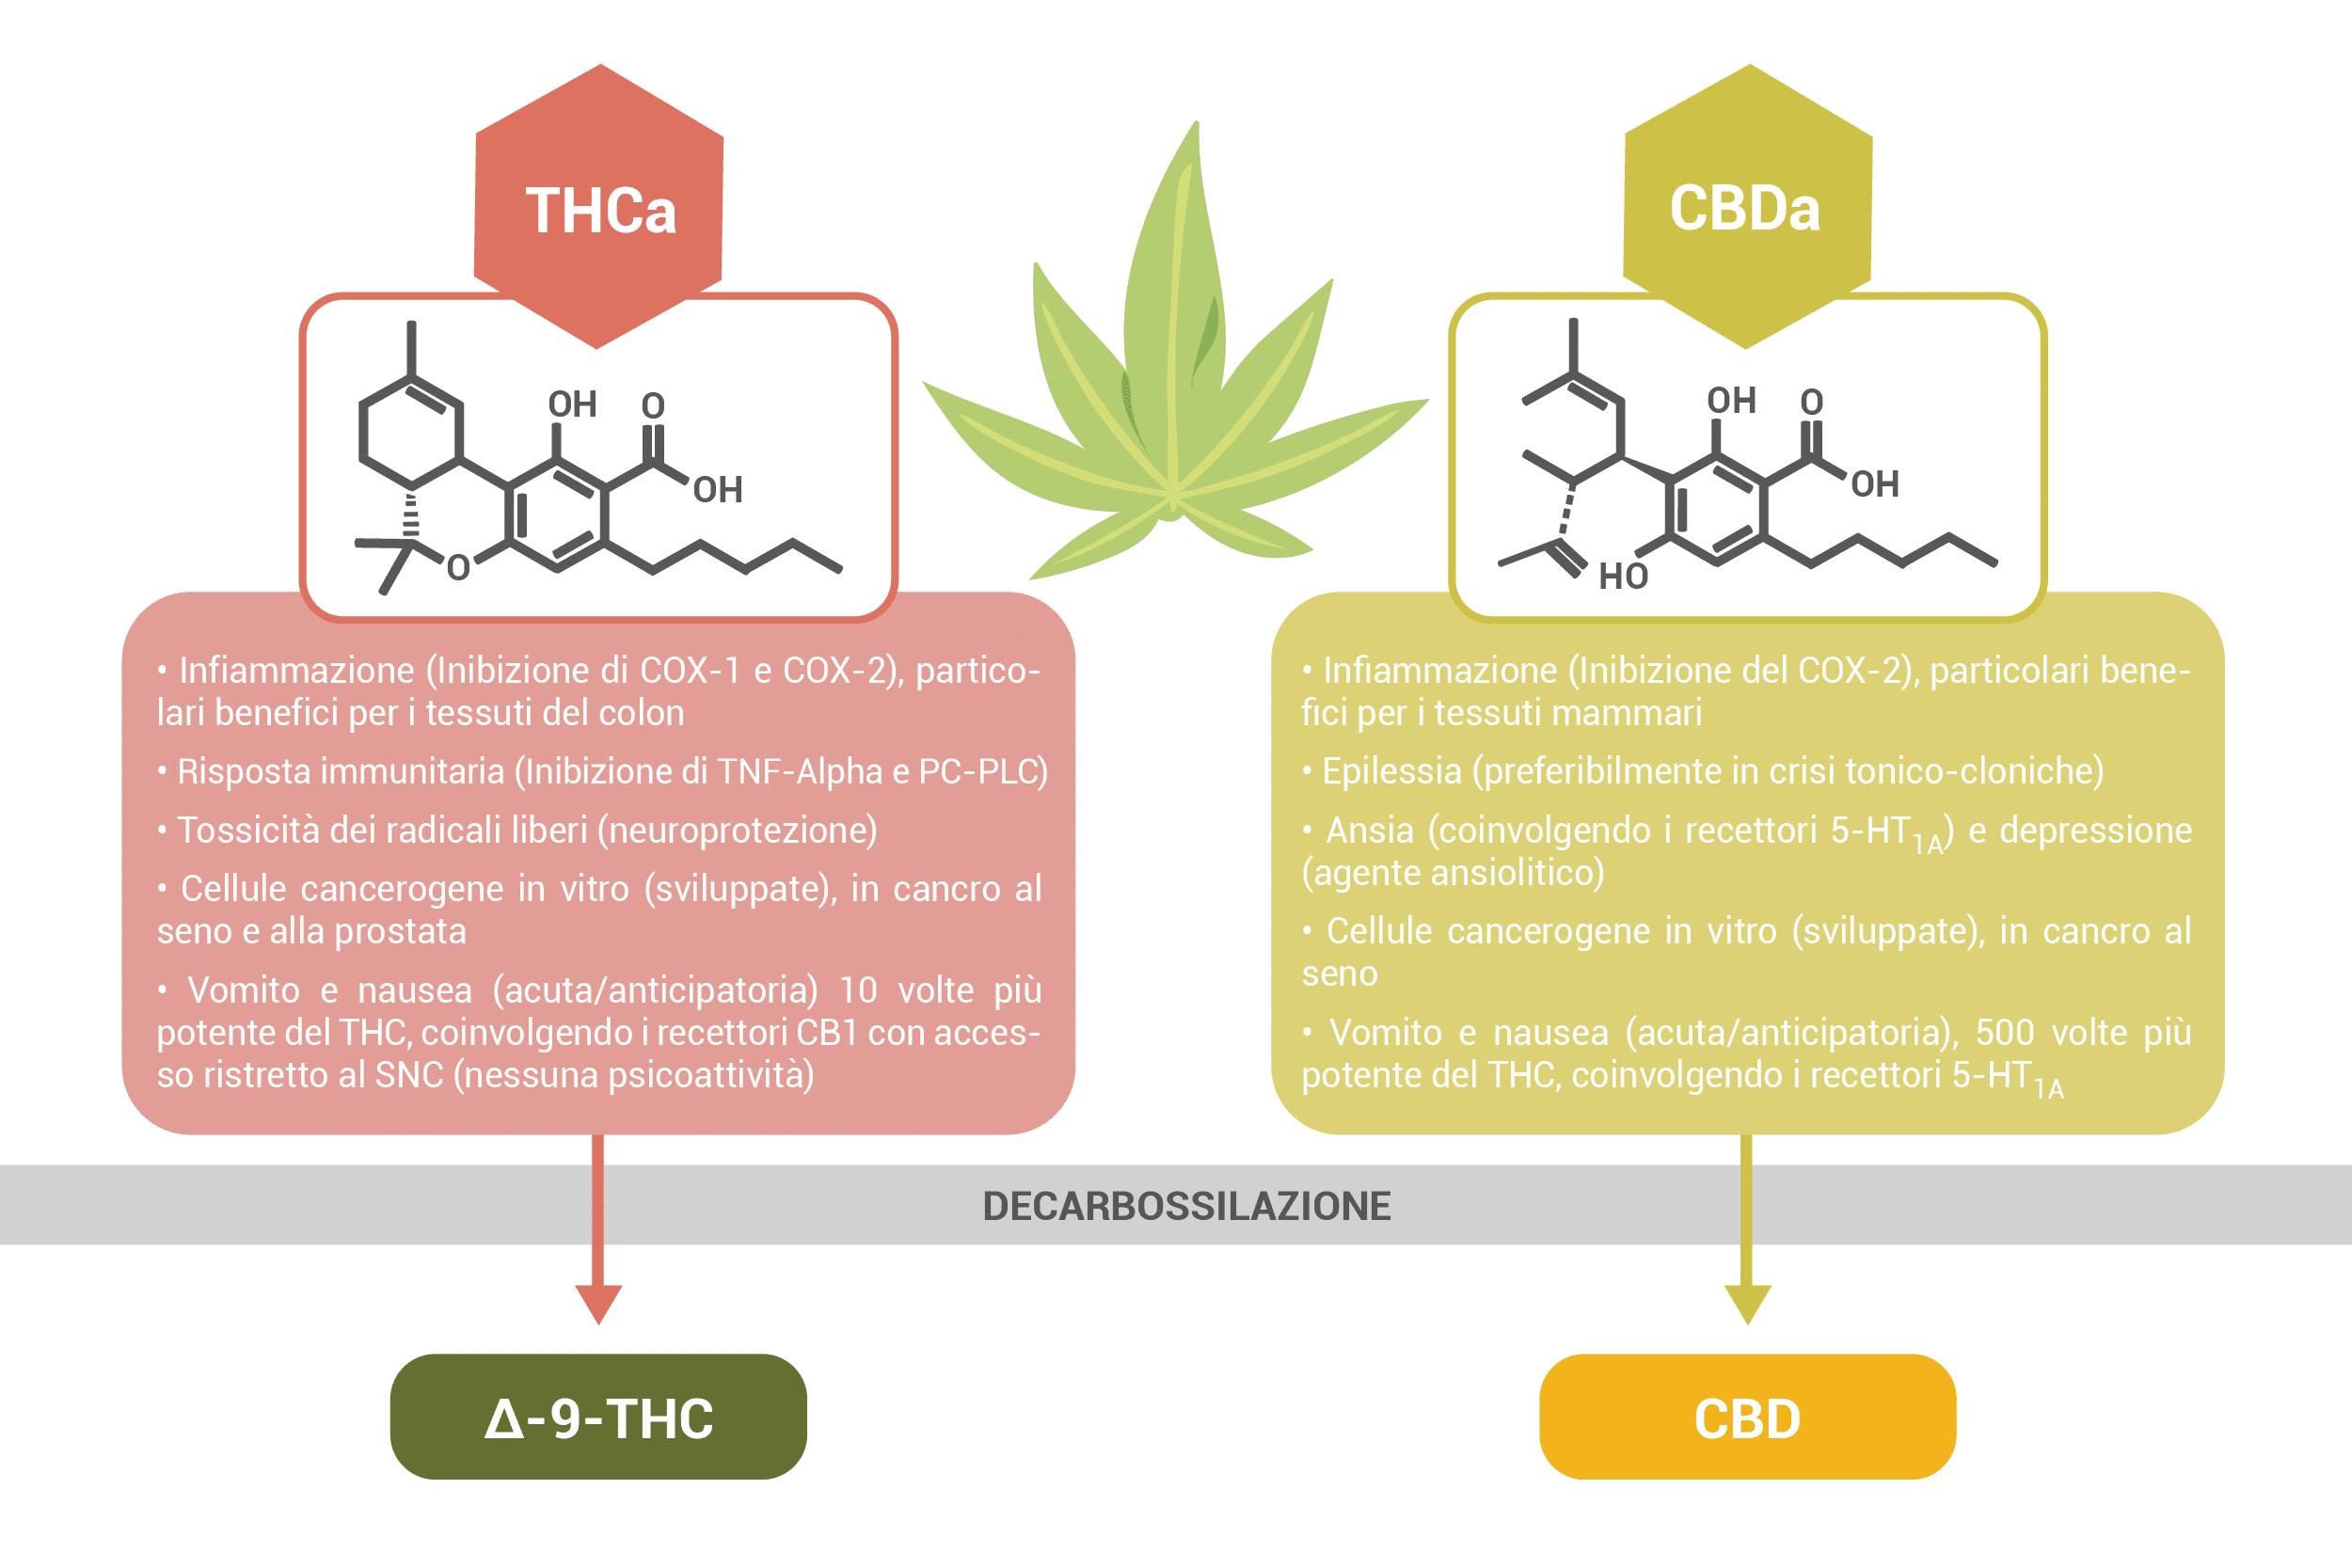 Cannabinoidi Acidi: benefici medicinali del THCa e CBDa